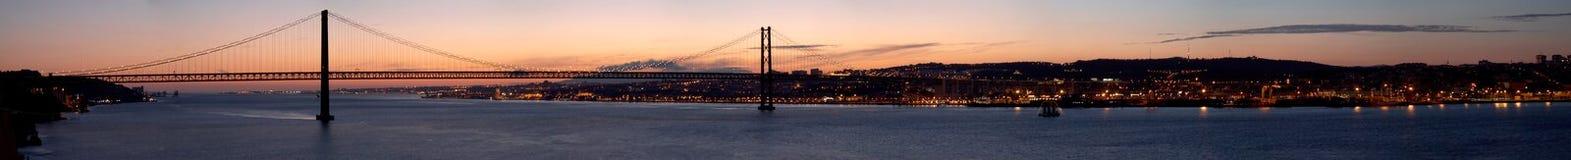 för brode lisbon för 25 abril panorama portugal royaltyfri bild